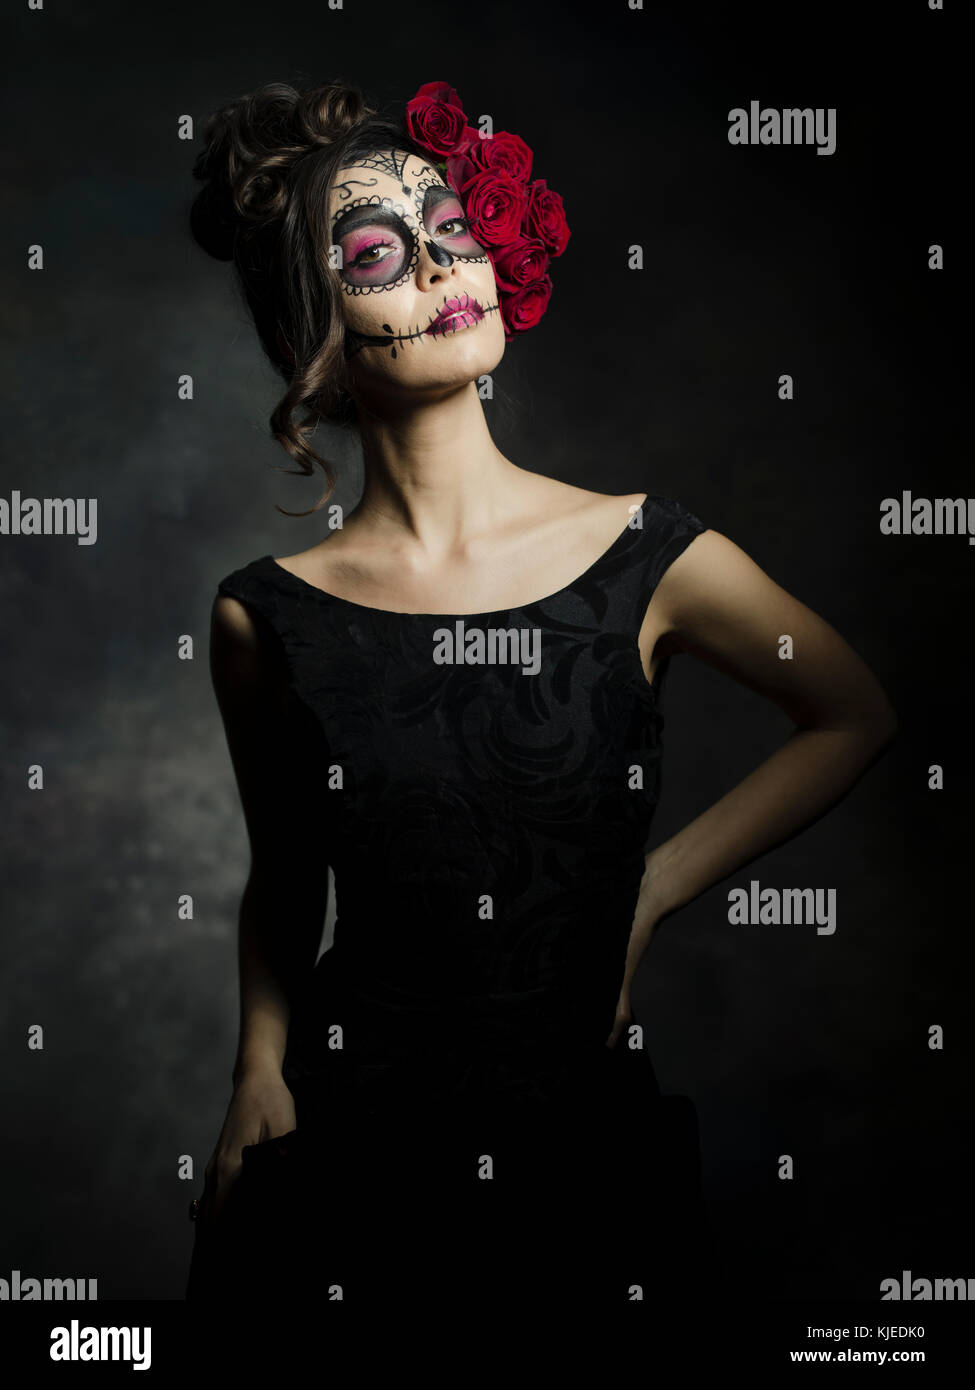 Hermosa mujer mexicanoamericana celebrando el Día de los muertos ( Día de Muertos ) es la fiesta mexicana, también conocido como el Día de los muertos con maquillaje de cráneo y rosas en el estilo de La Catrina. Foto de stock